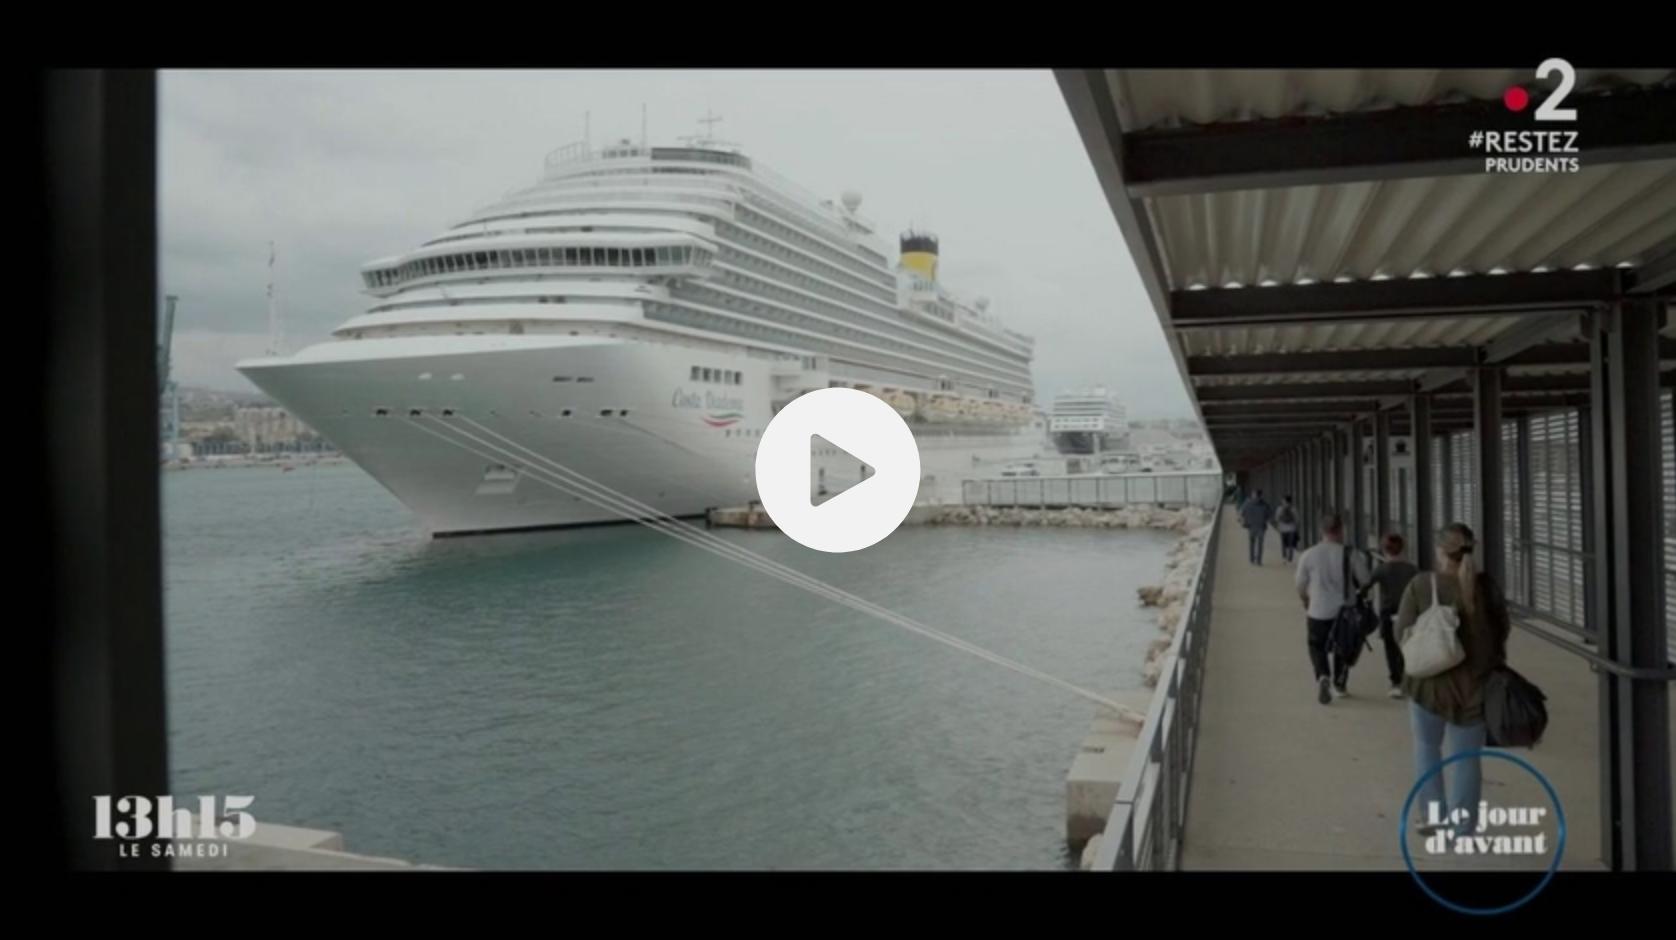 Marseille : Un navire de croisière émet autant d'oxydes de soufre qu'un million de voitures quand il est à quai (VIDÉO)